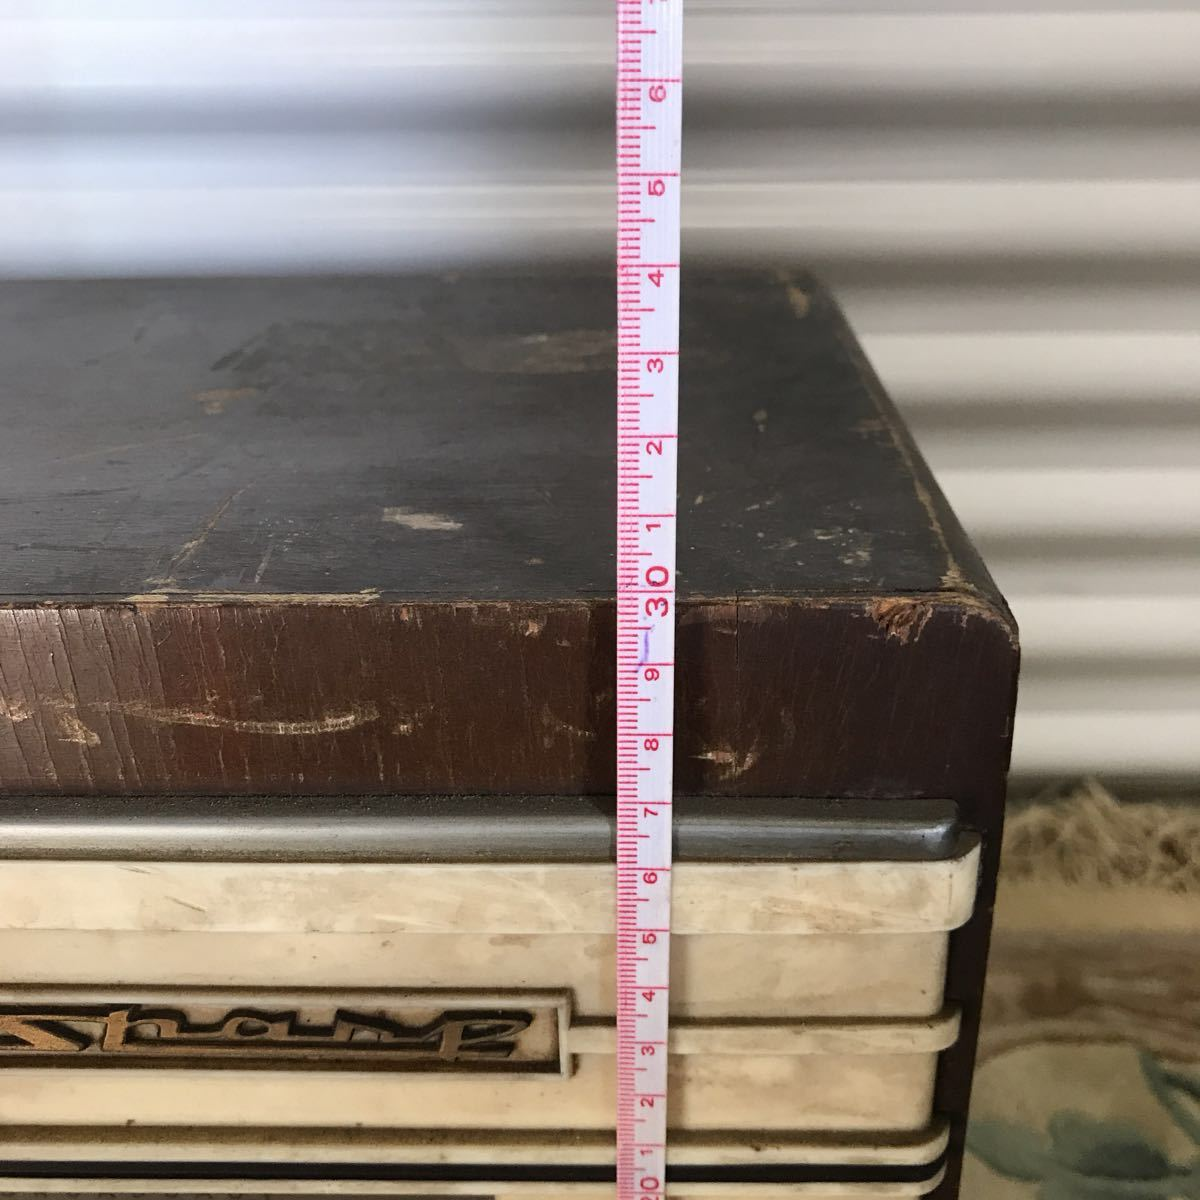 シャープ SHARP 真空管ラジオ ラジオ 6A-62型 昭和レトロ インテリア ジャンク品_画像10